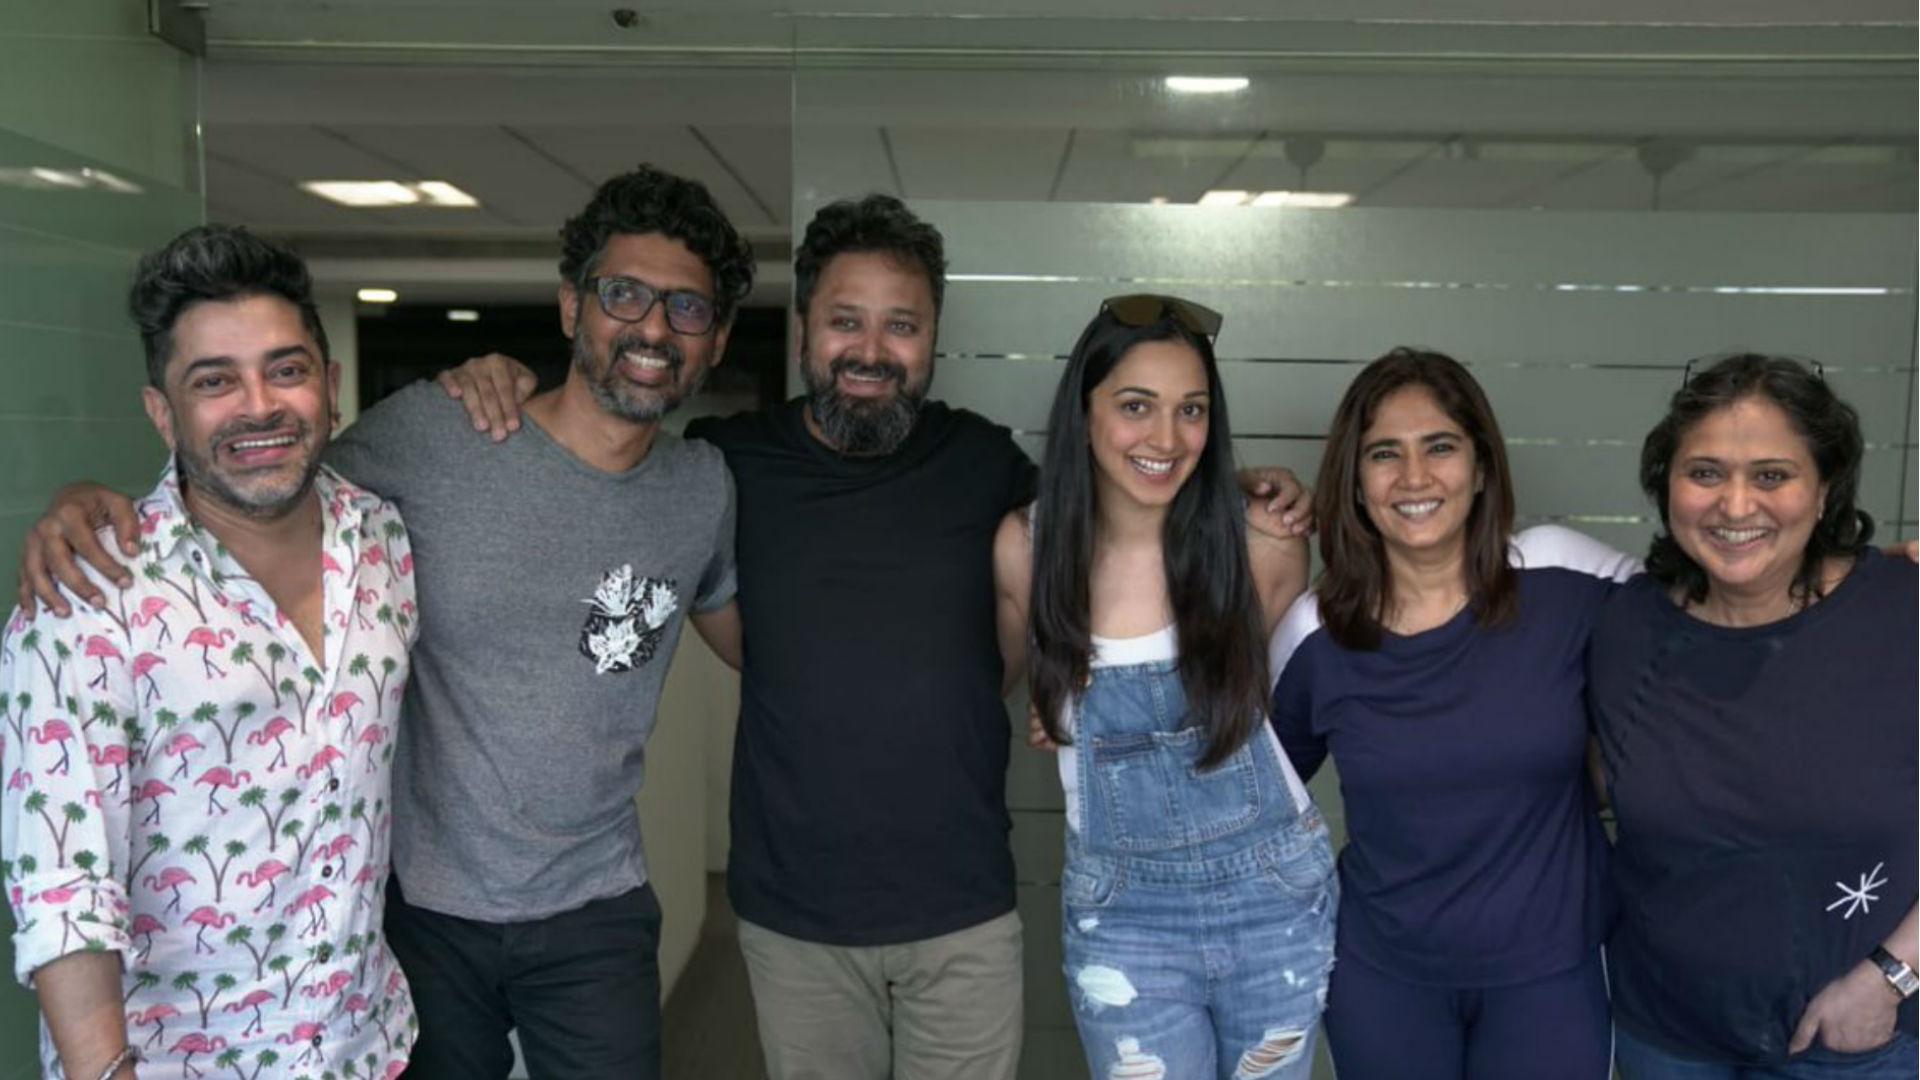 फिल्म इंदु की जवानी की हिरोइन फाइनल, बॉलीवुड एक्ट्रेस कियारा आडवाणी लगाएंगी कॉमेडी का तड़का